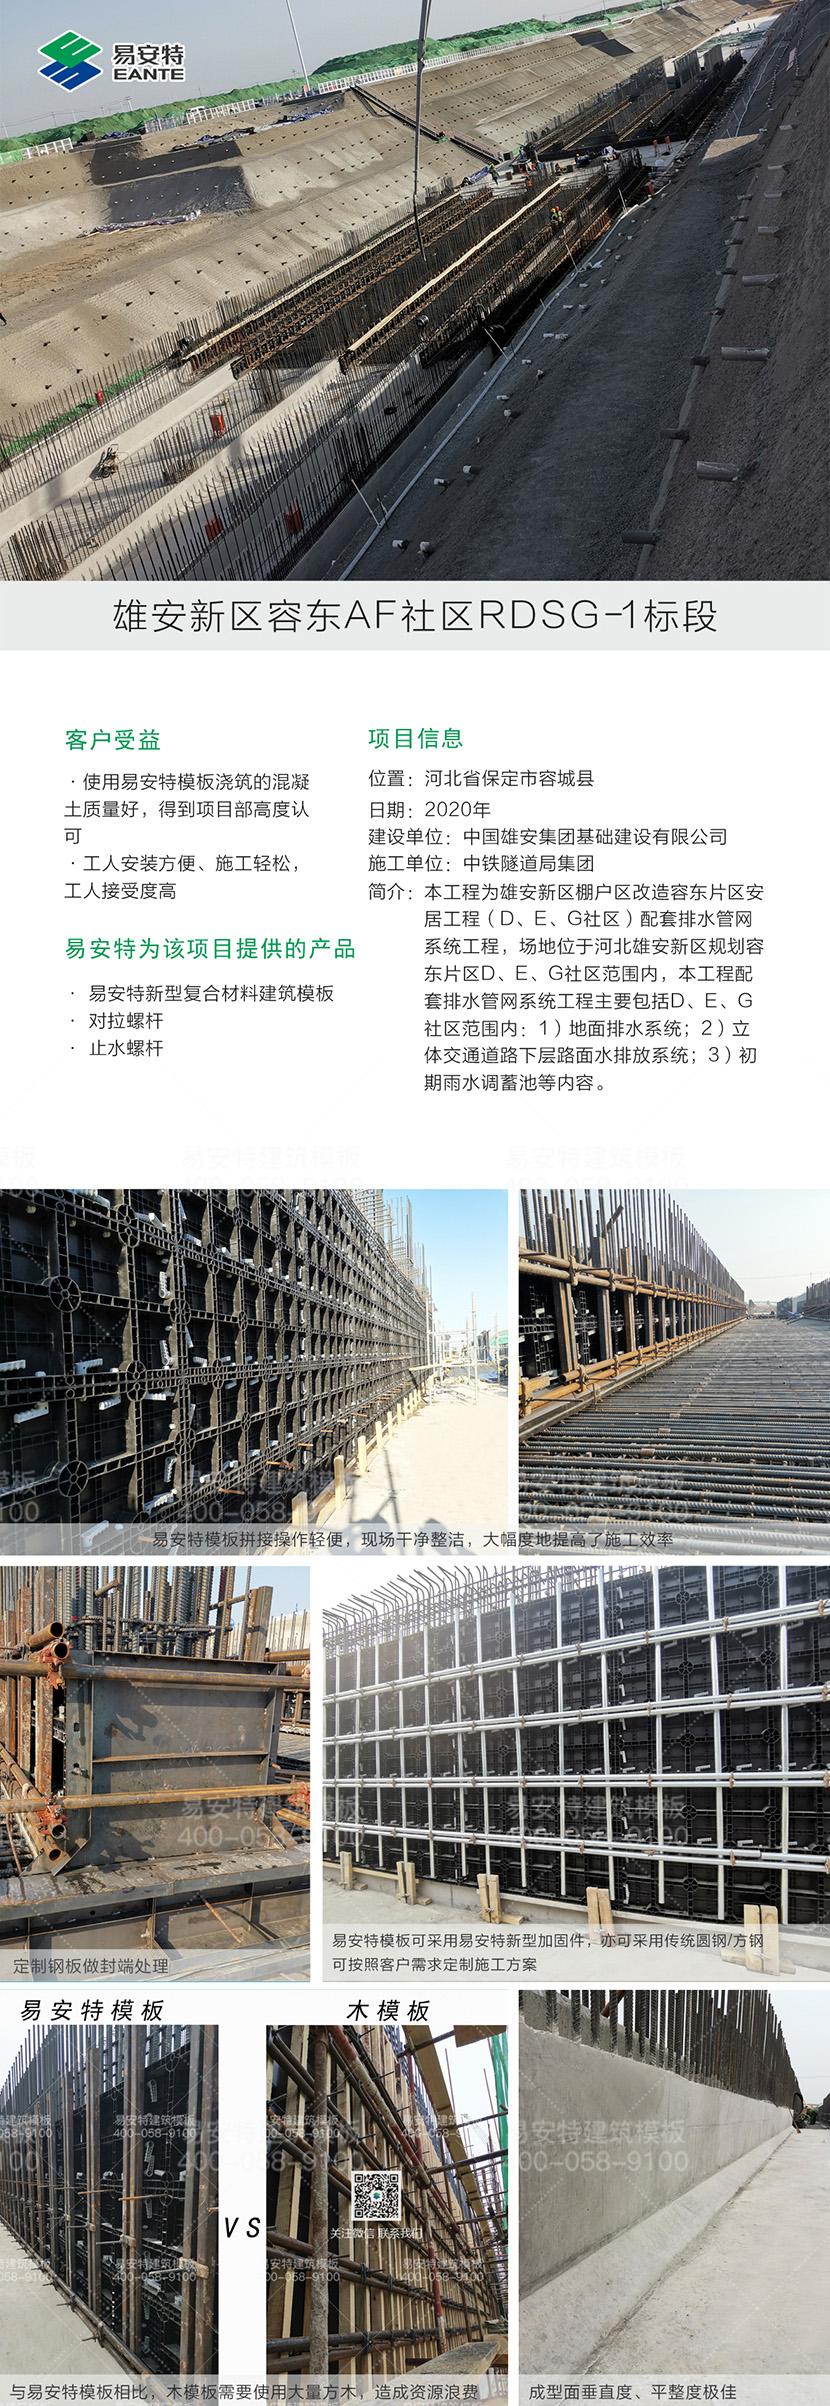 中铁隧道局雄安管廊1标